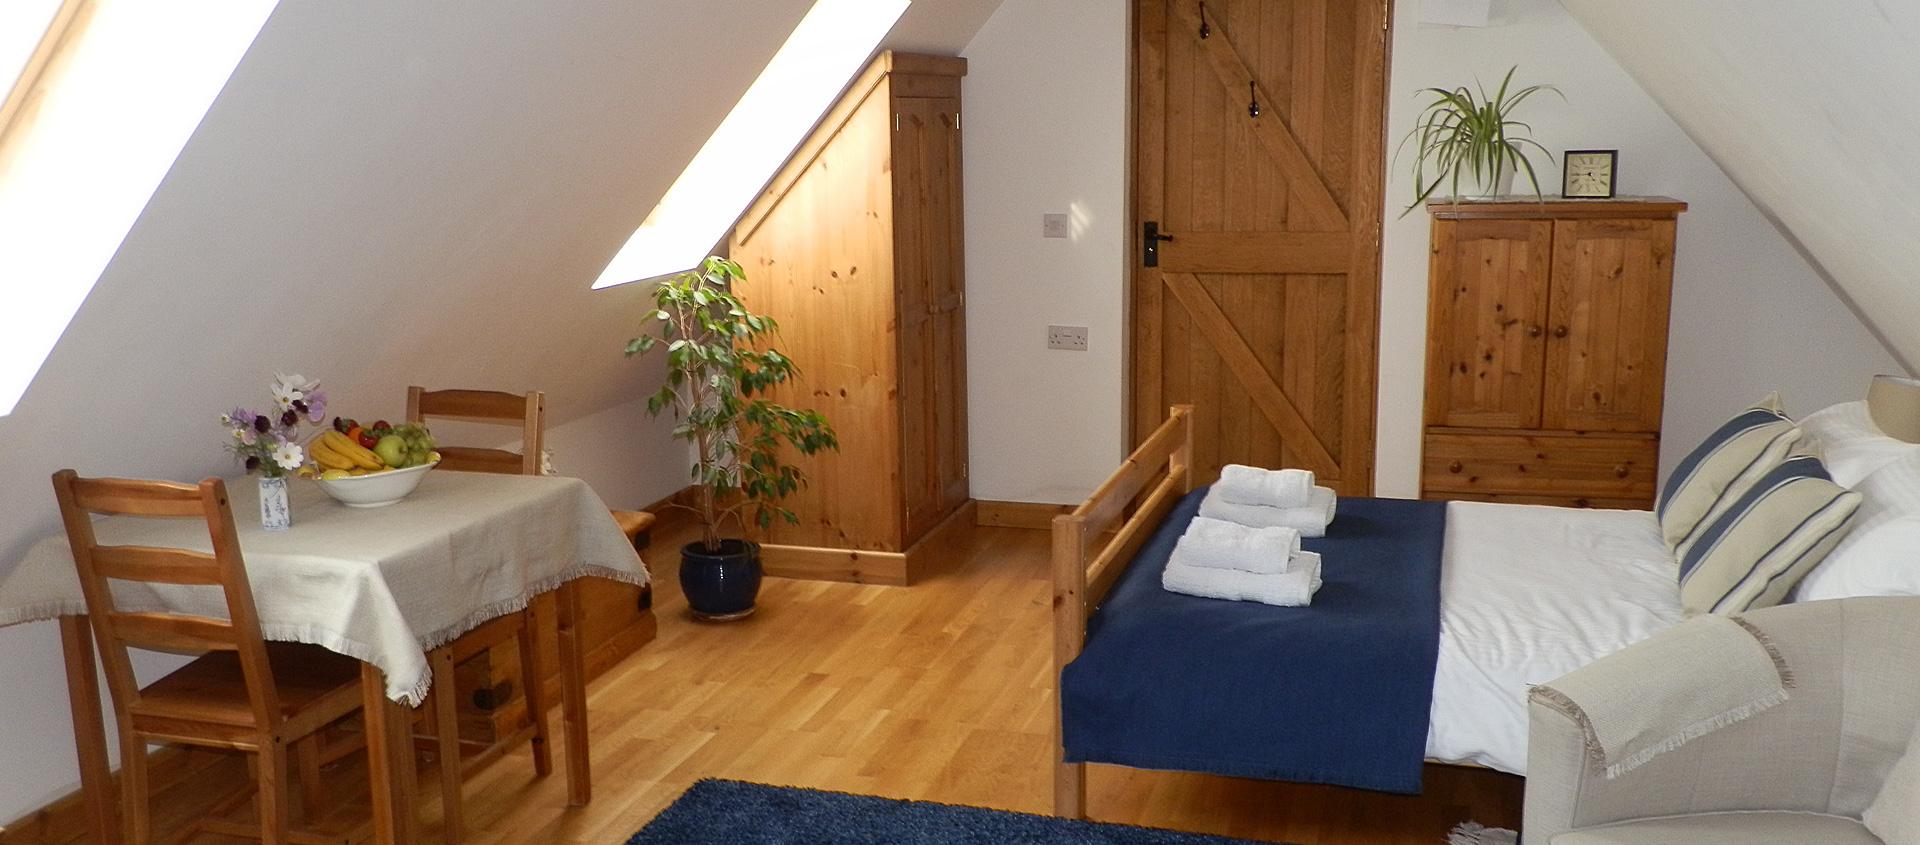 Holiday Accommodation In Cheltenham